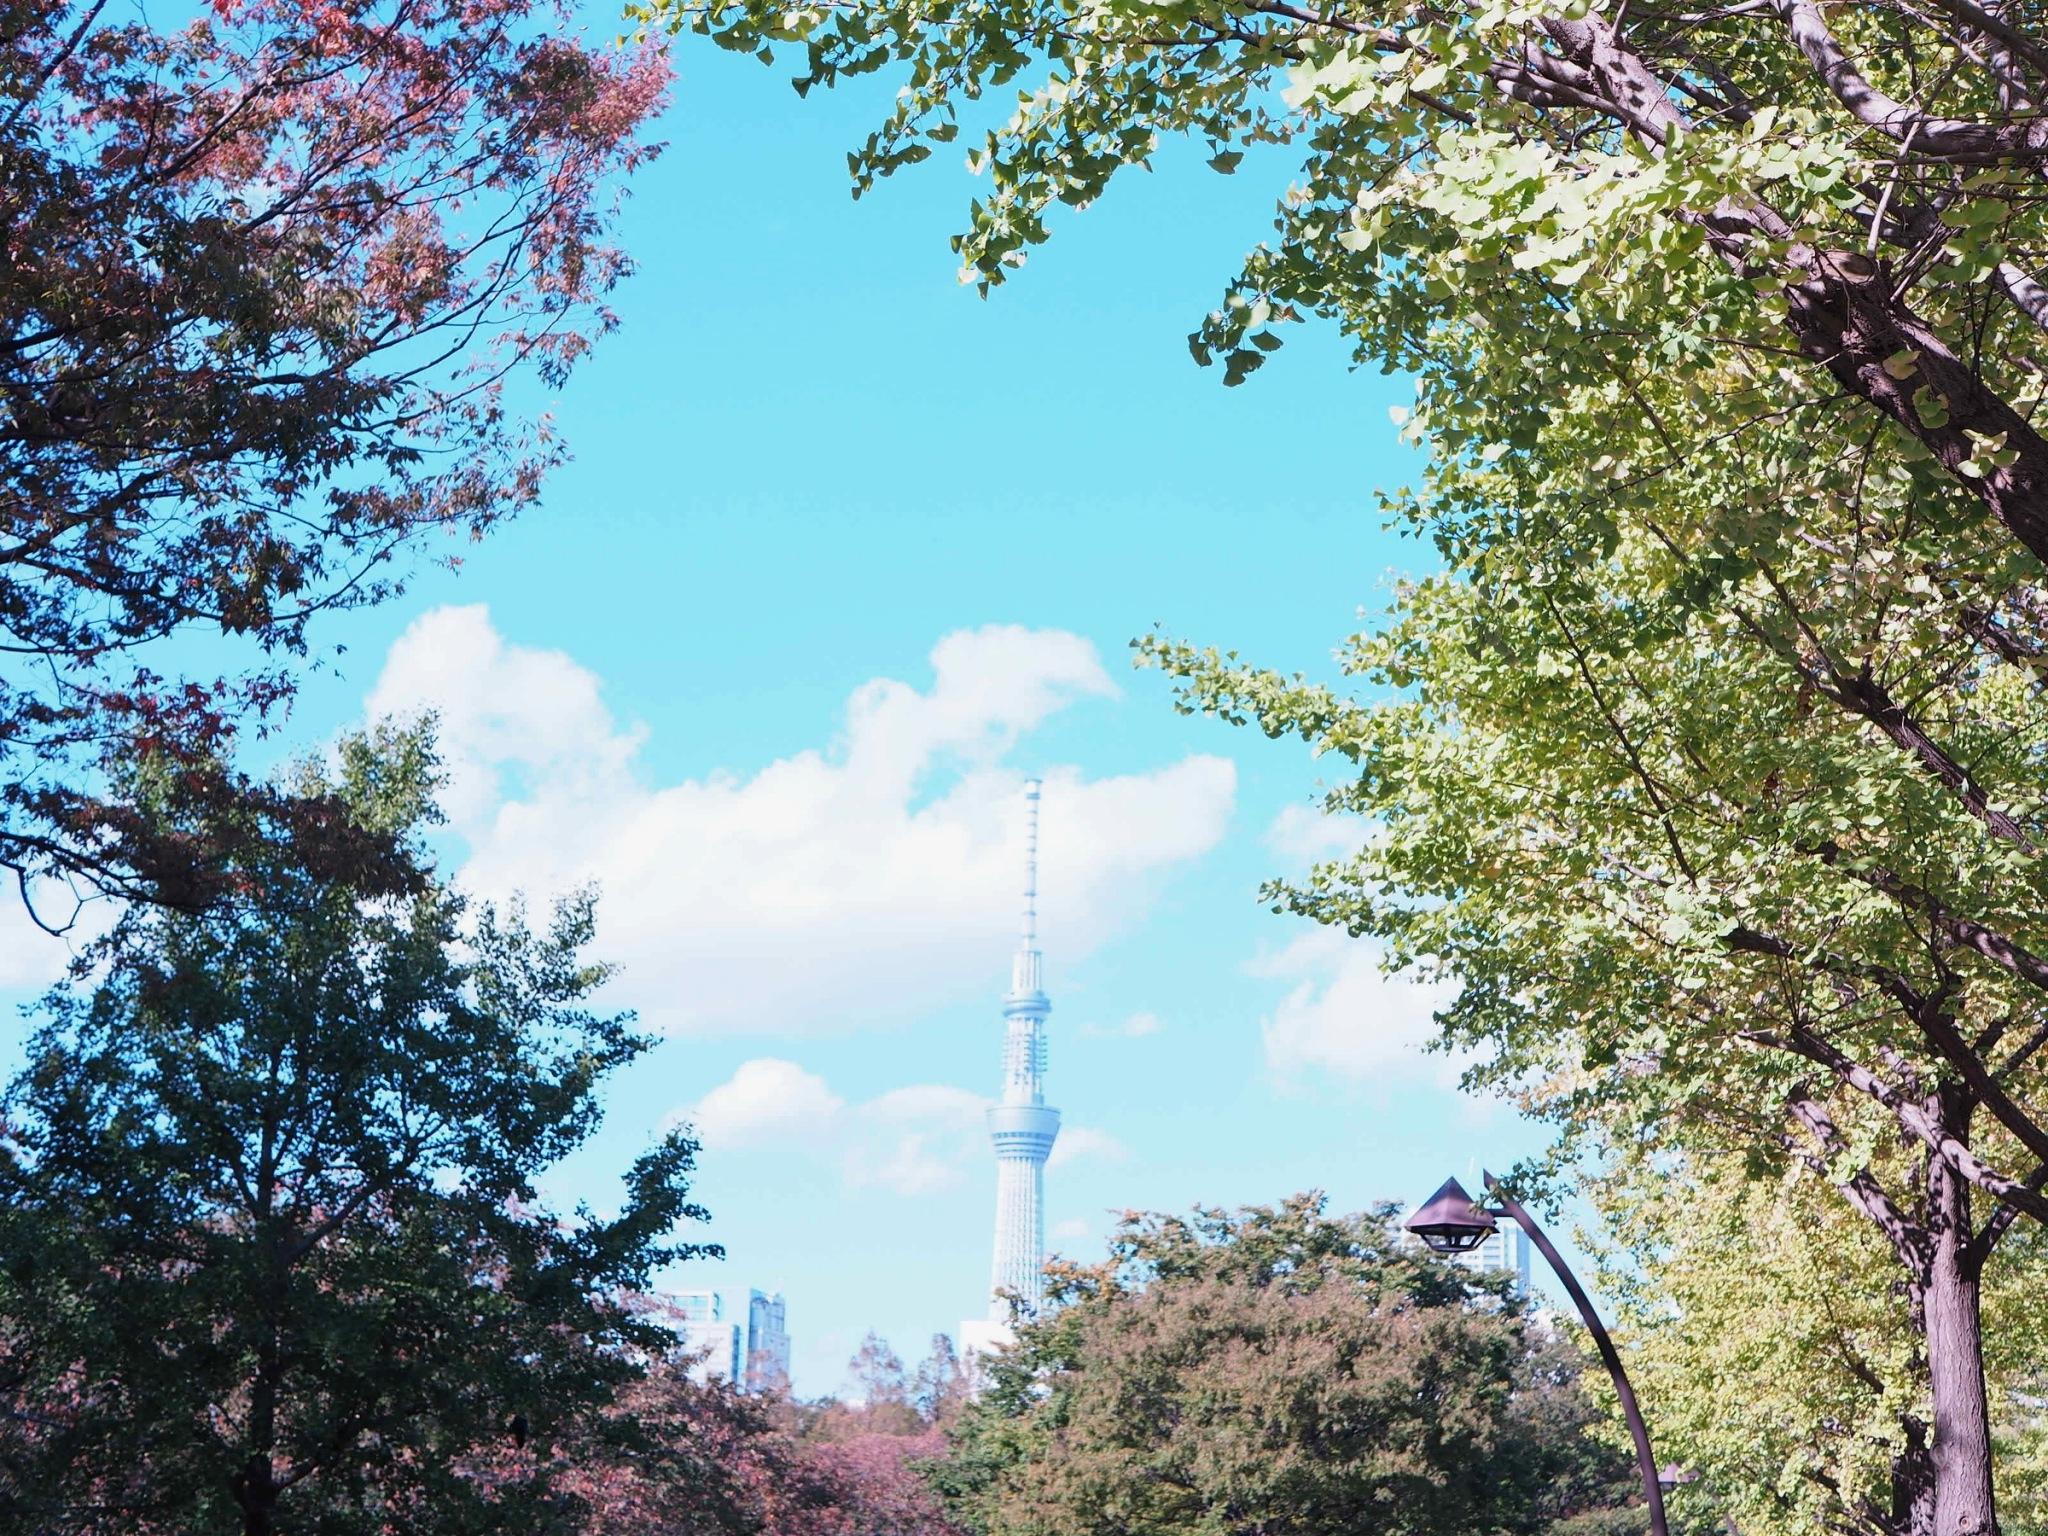 【都内サイング♩】秋晴れの日に #ドコモ・バイクシェア でお出かけしてみた♡_3